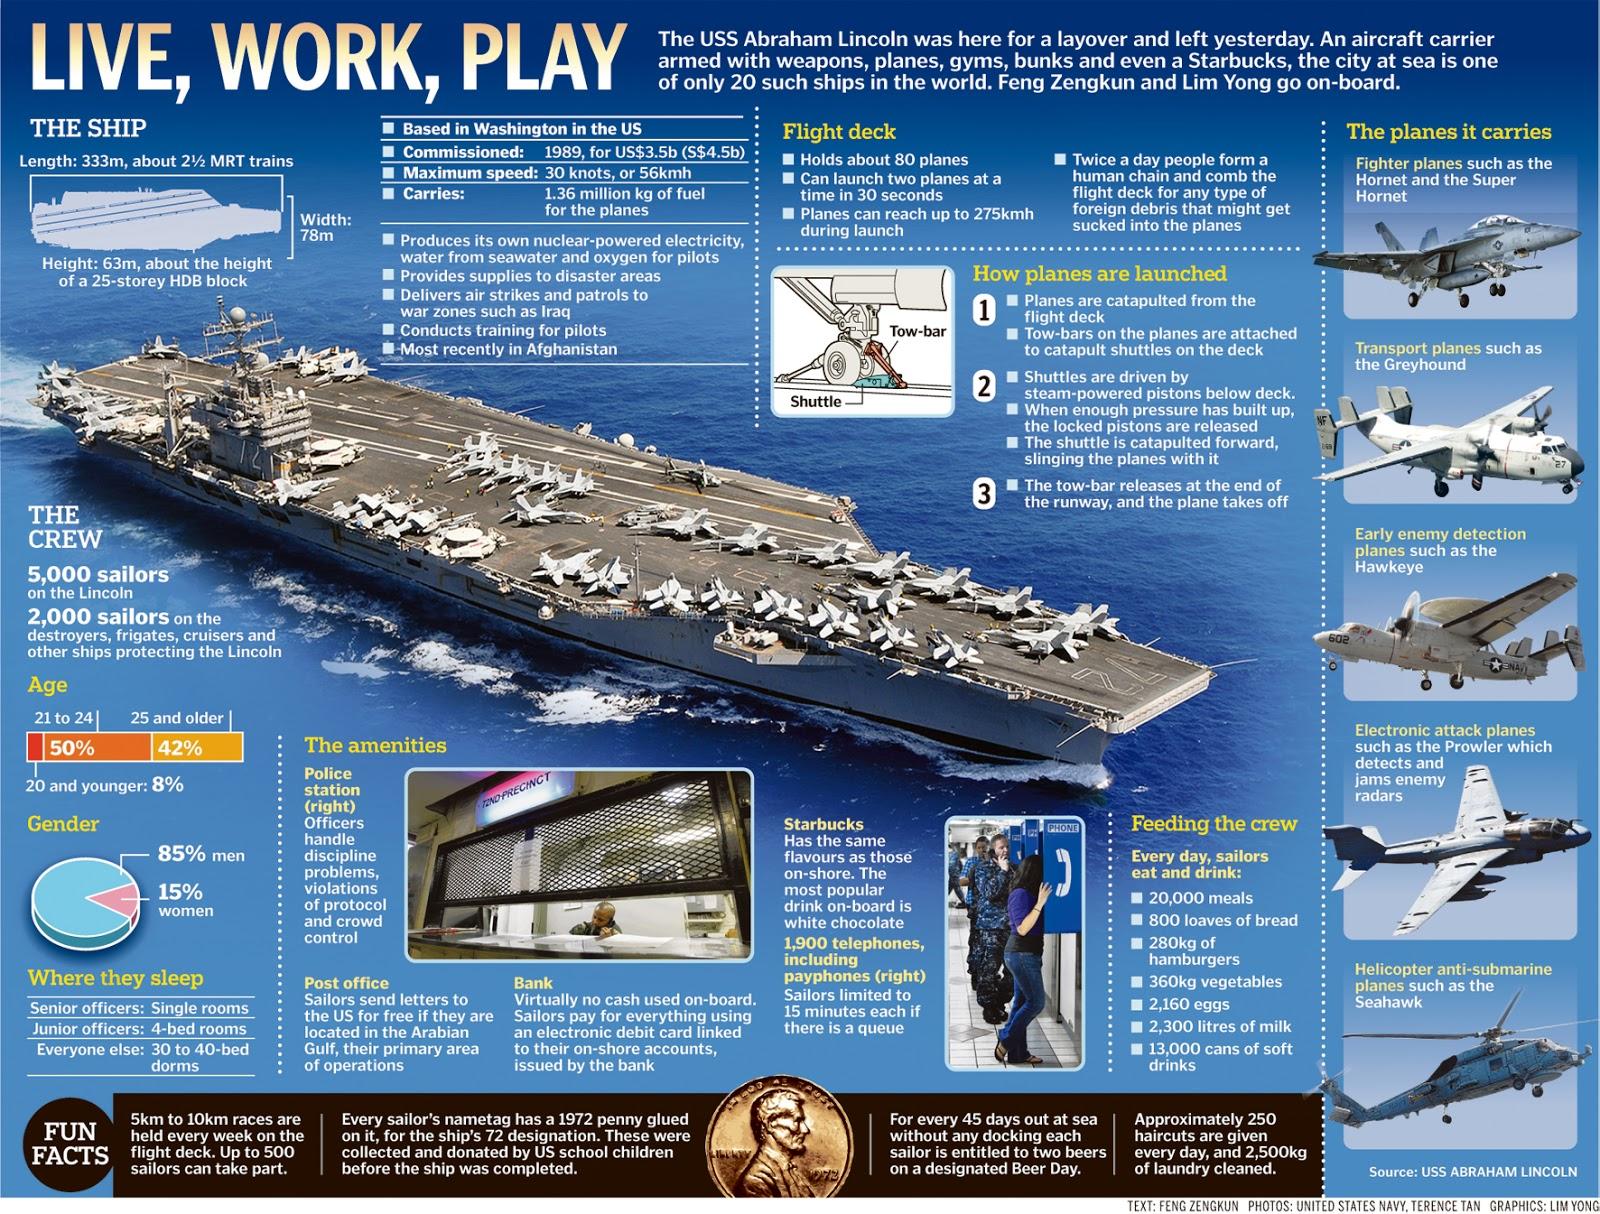 USSAbrahamLincoln.jpg